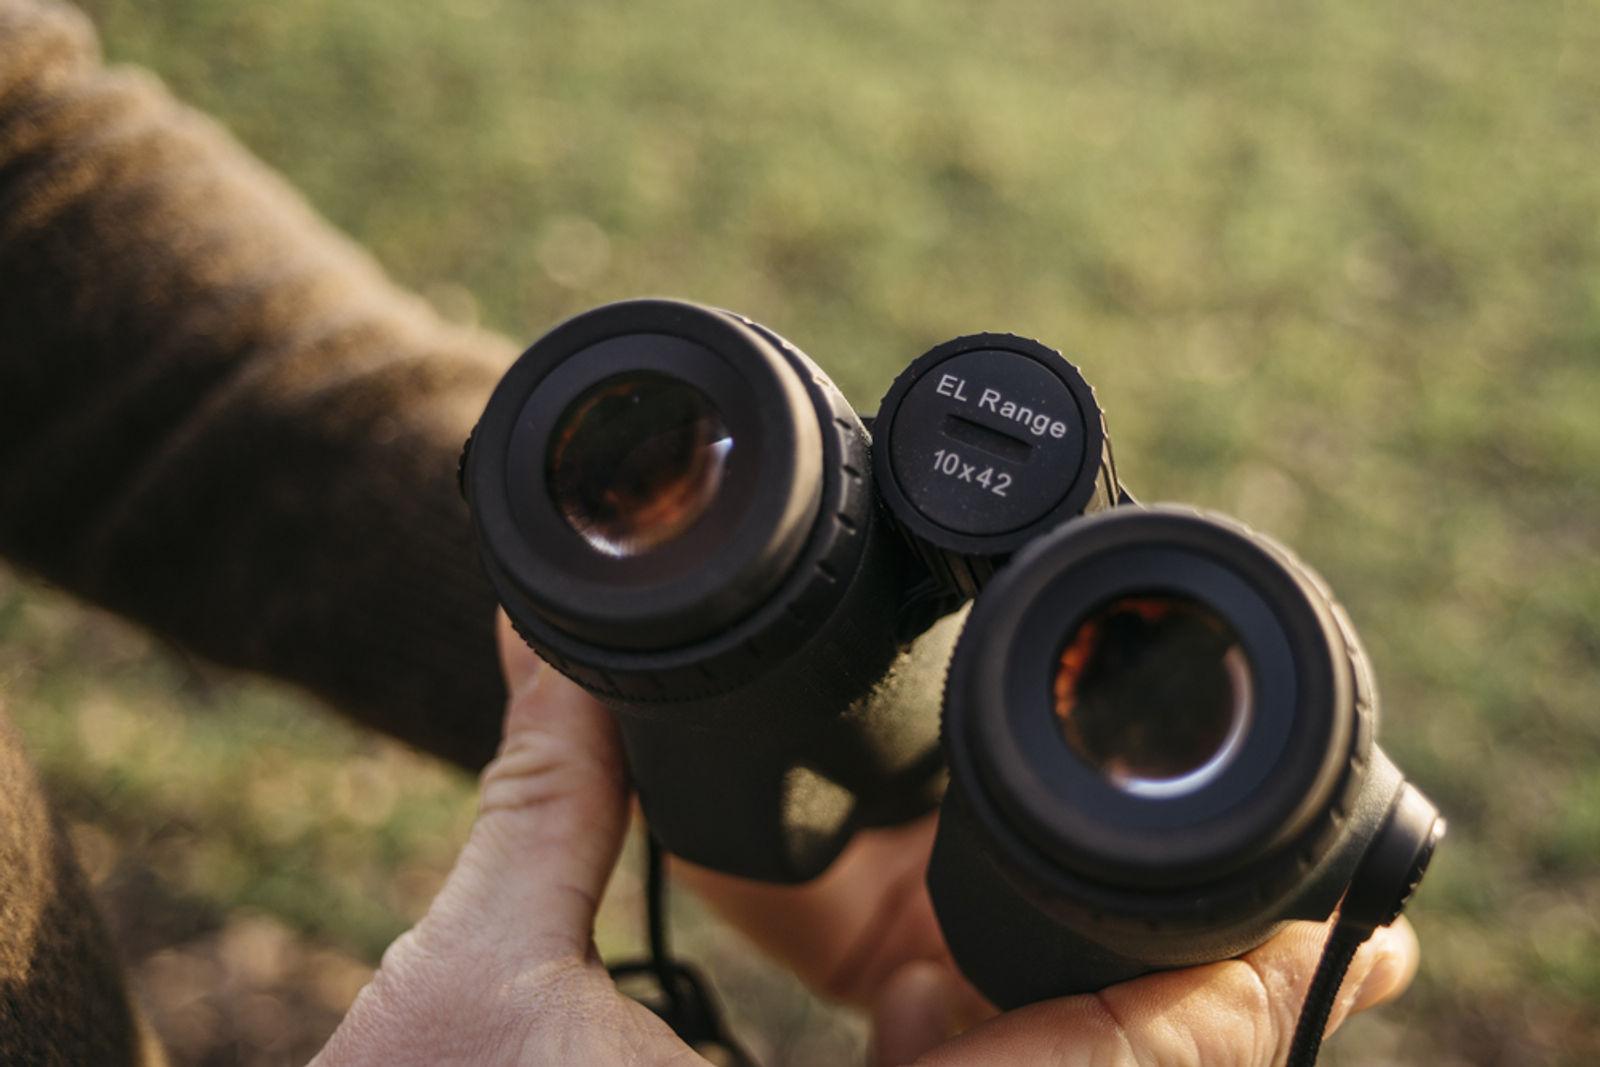 Fernglas Mit Entfernungsmesser Swarovski : Swarovski el range fotoadapter fürs iphone